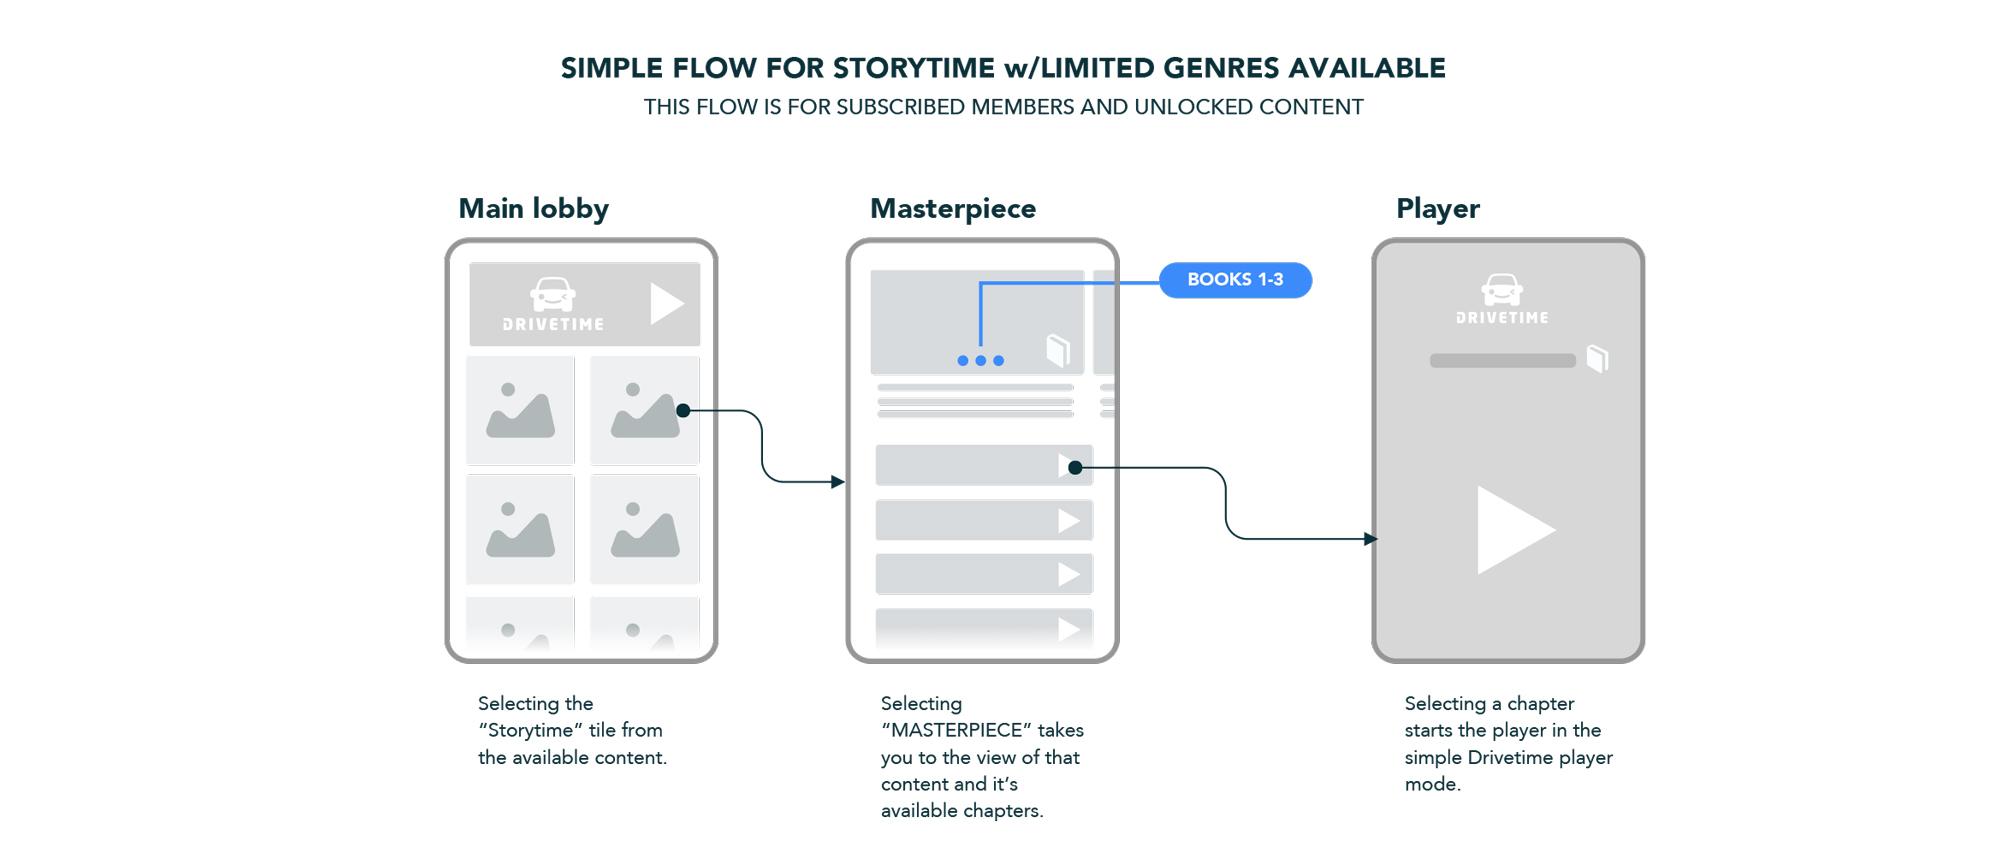 Simple-Storytime-flow_2.jpg